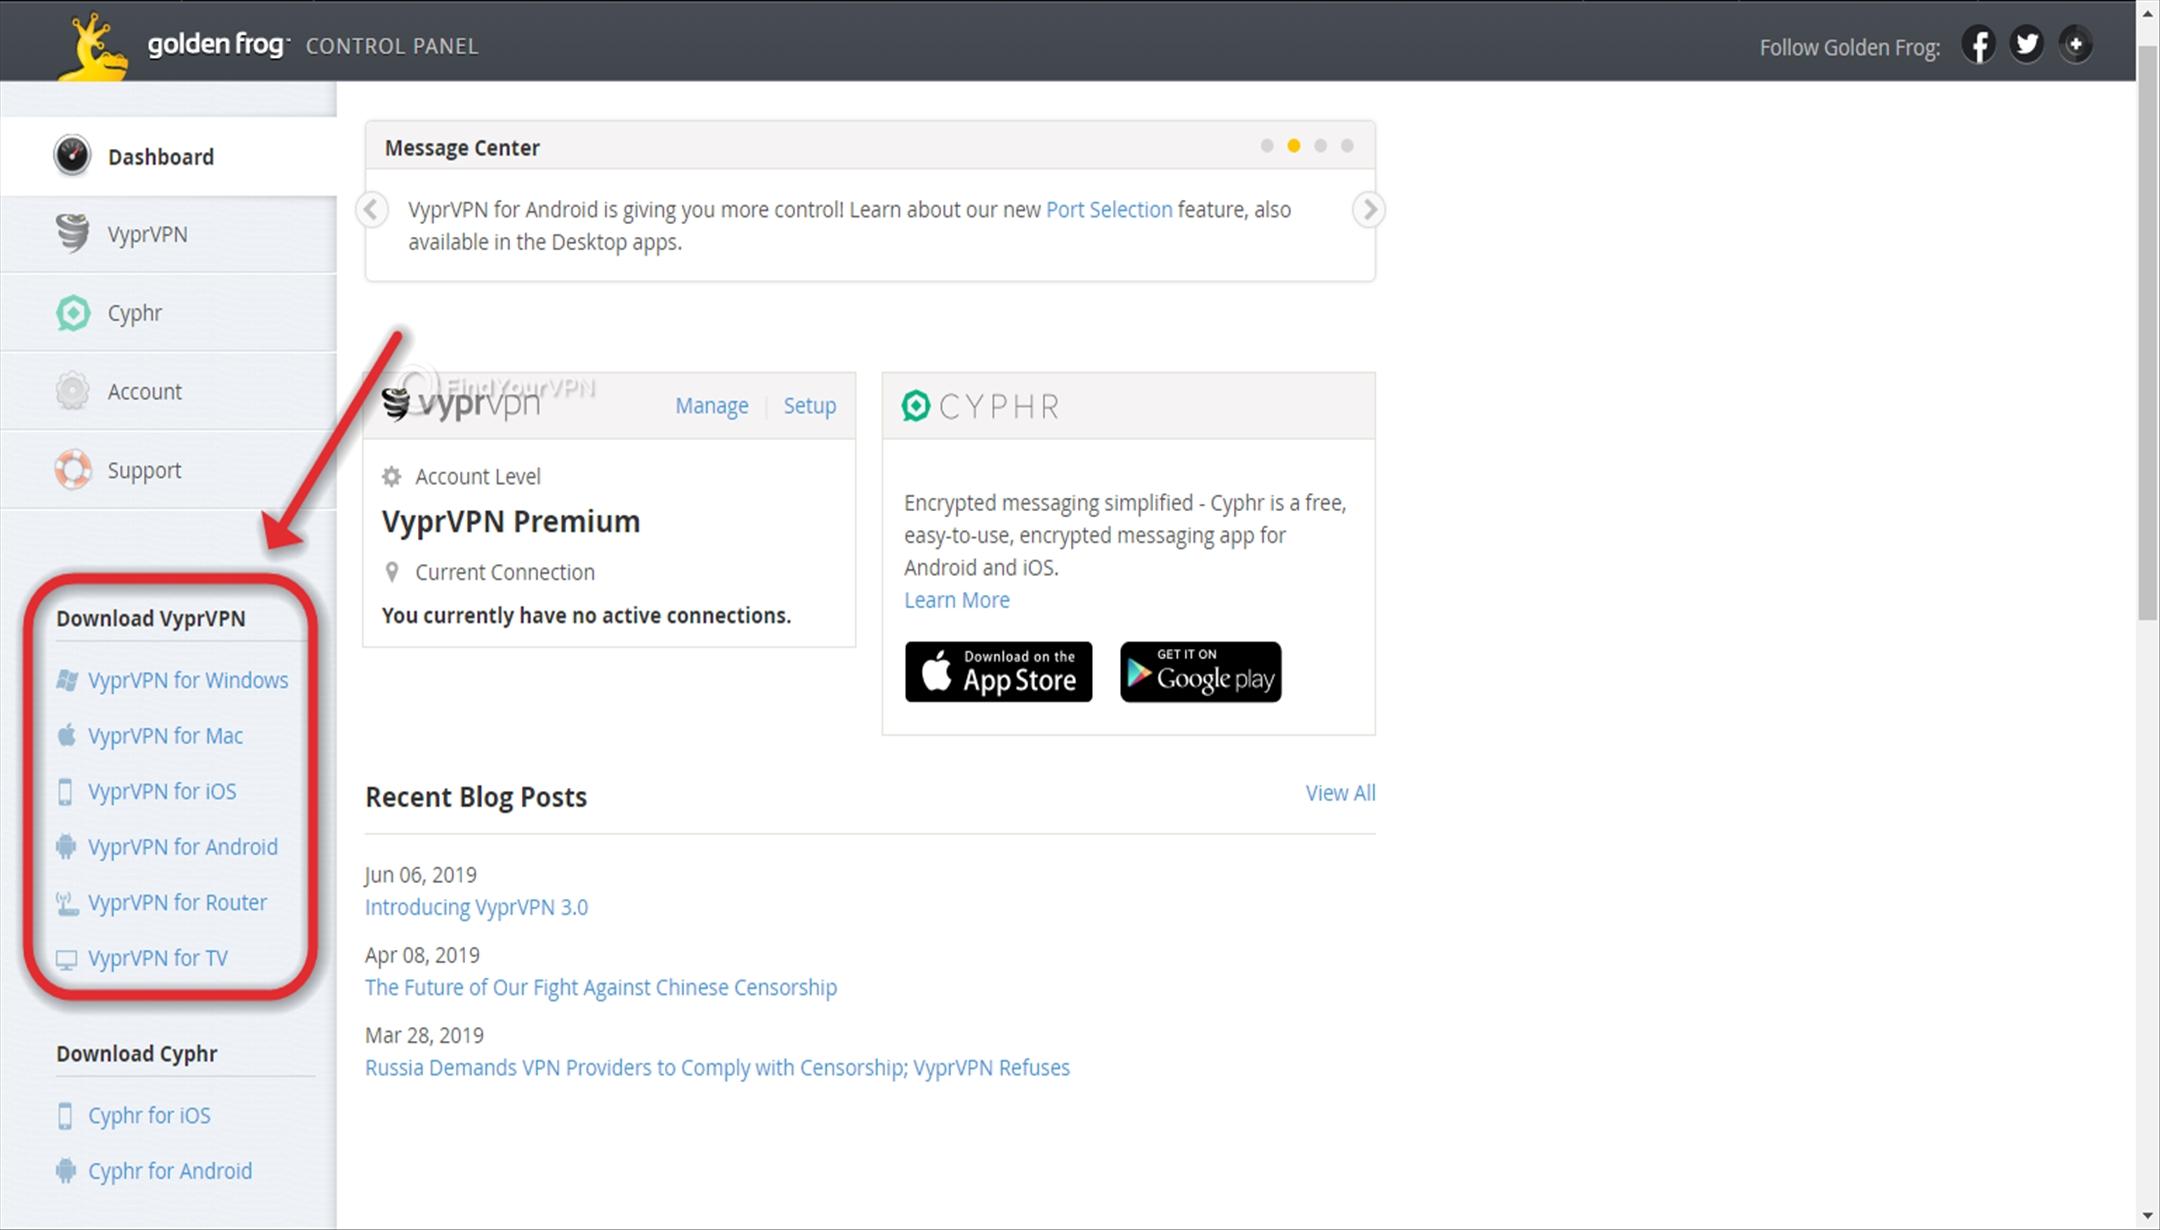 VyprVPN Download App Dashboard